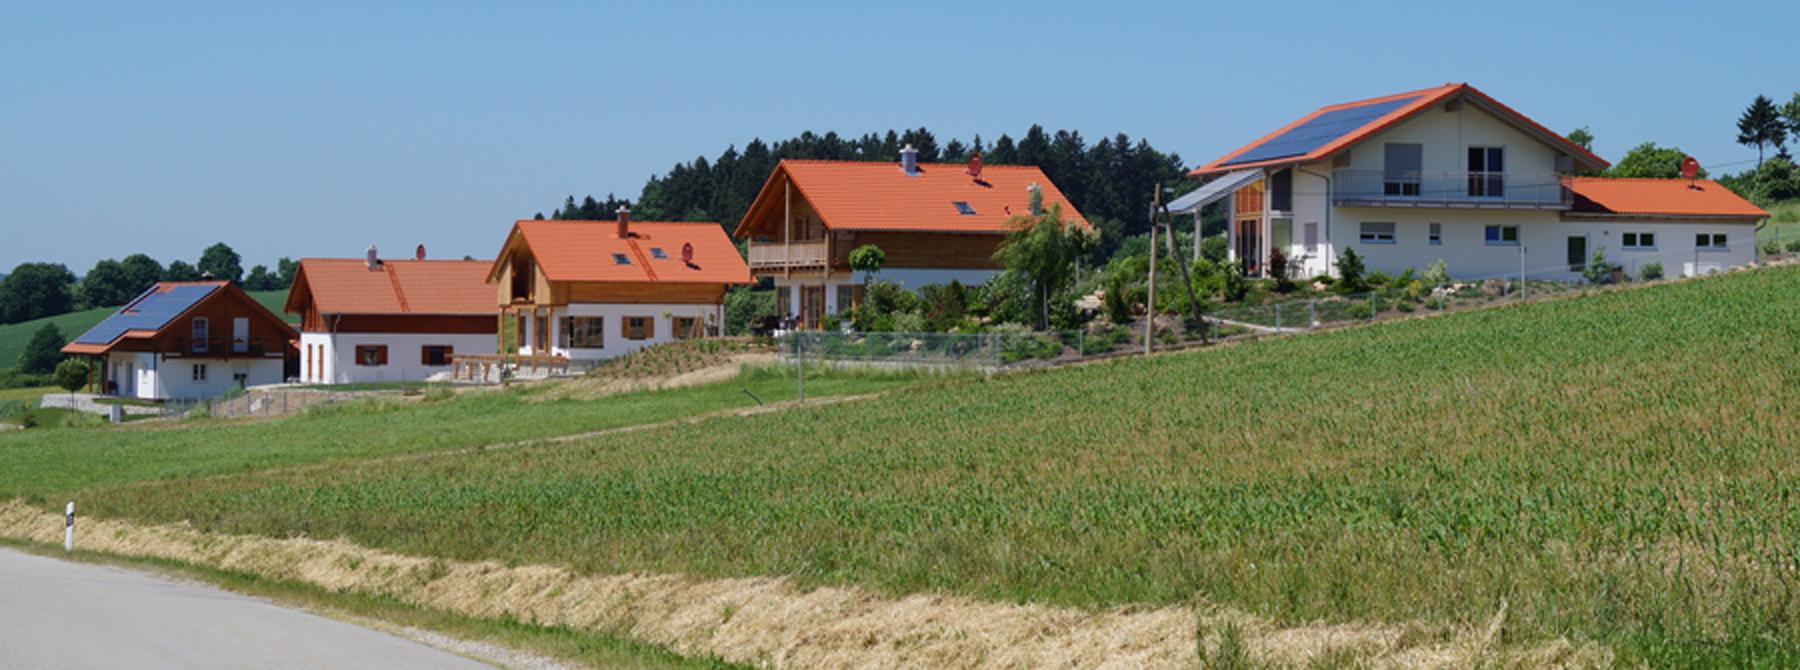 ^ Baugebiet Uttlau, Bad Griesbach - Sonnleitner.de - Bauen Sie Ihr ...